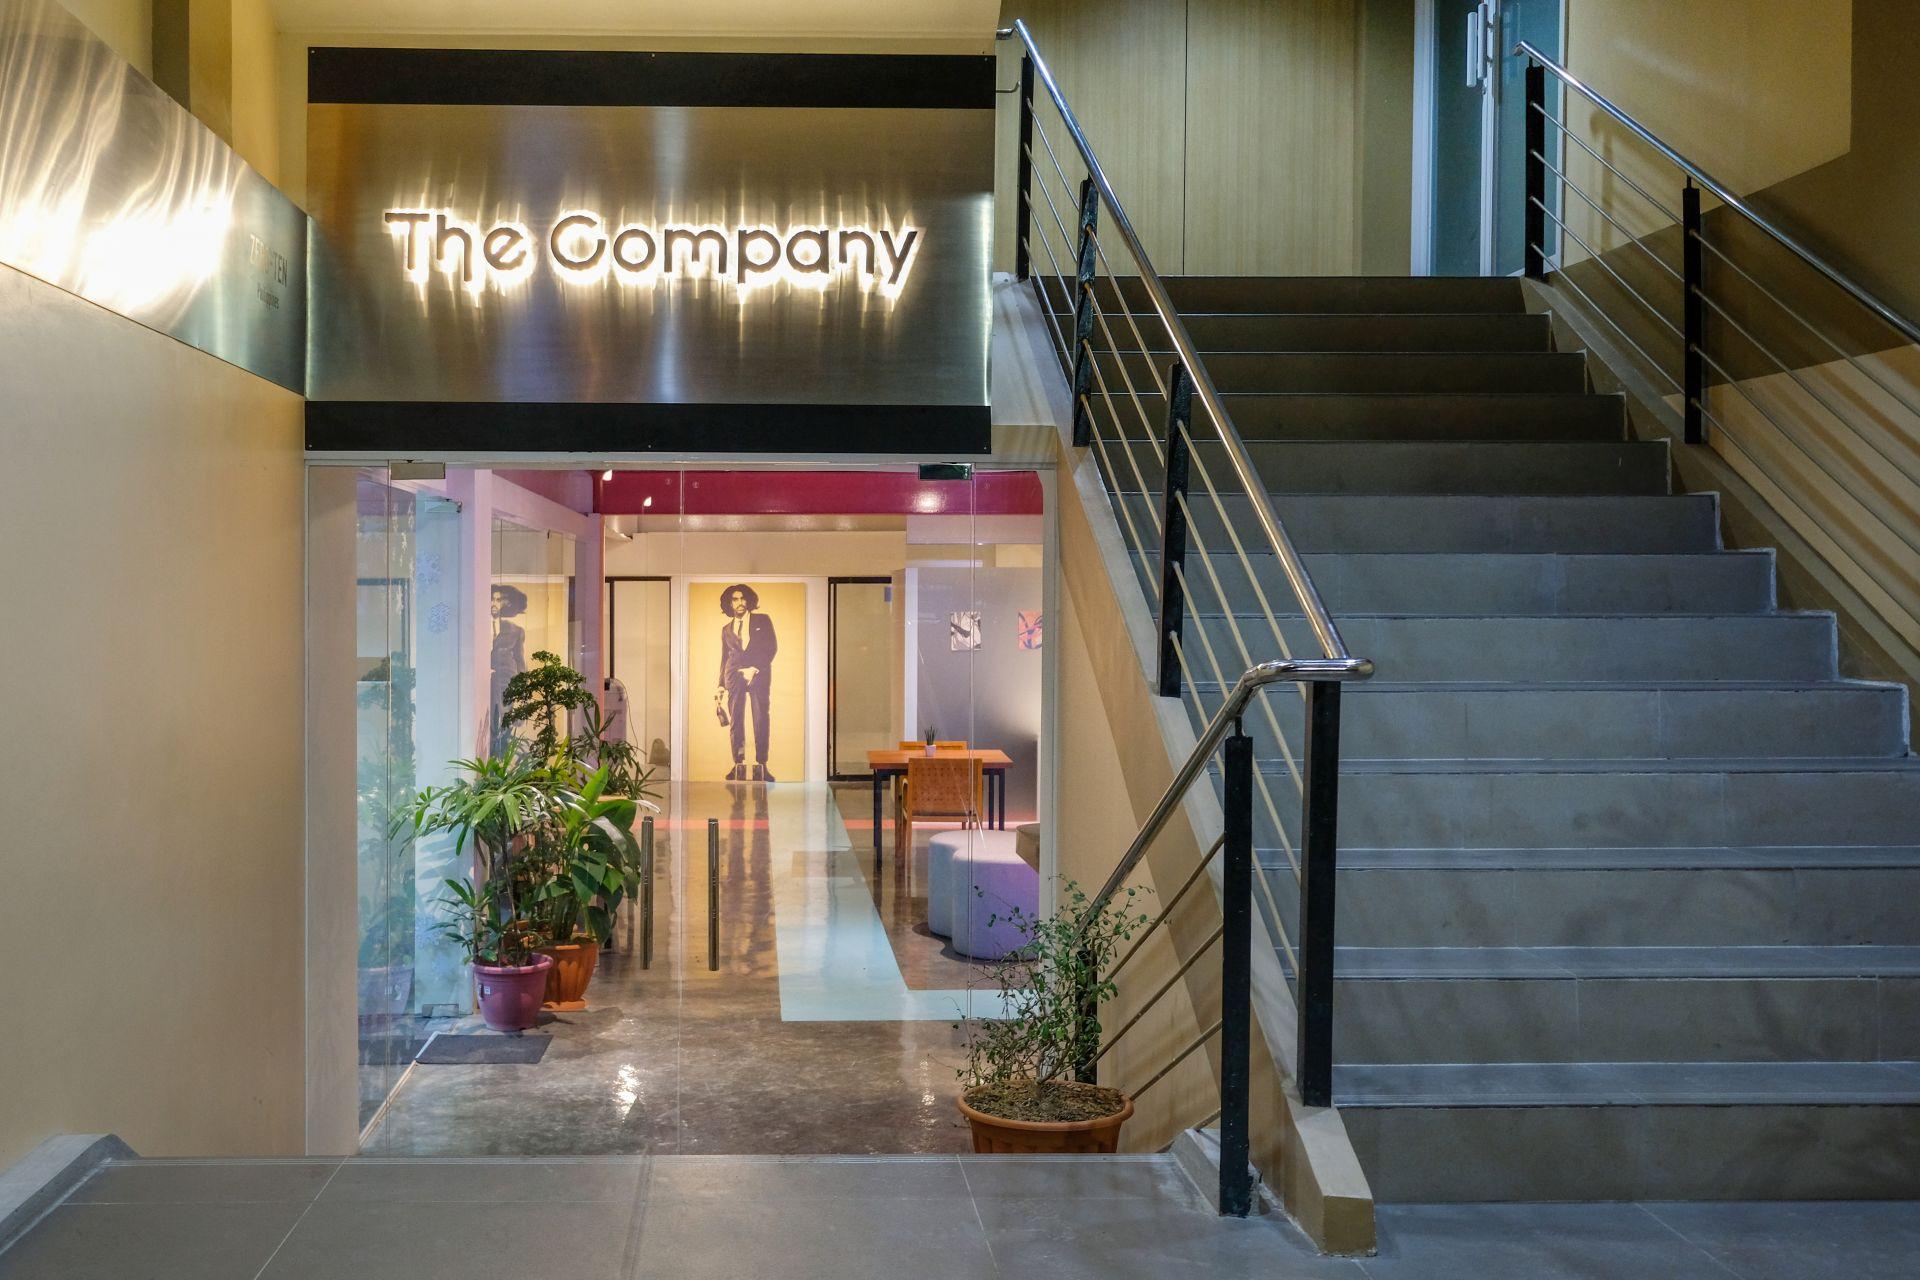 The Company Cebu, Mandaue